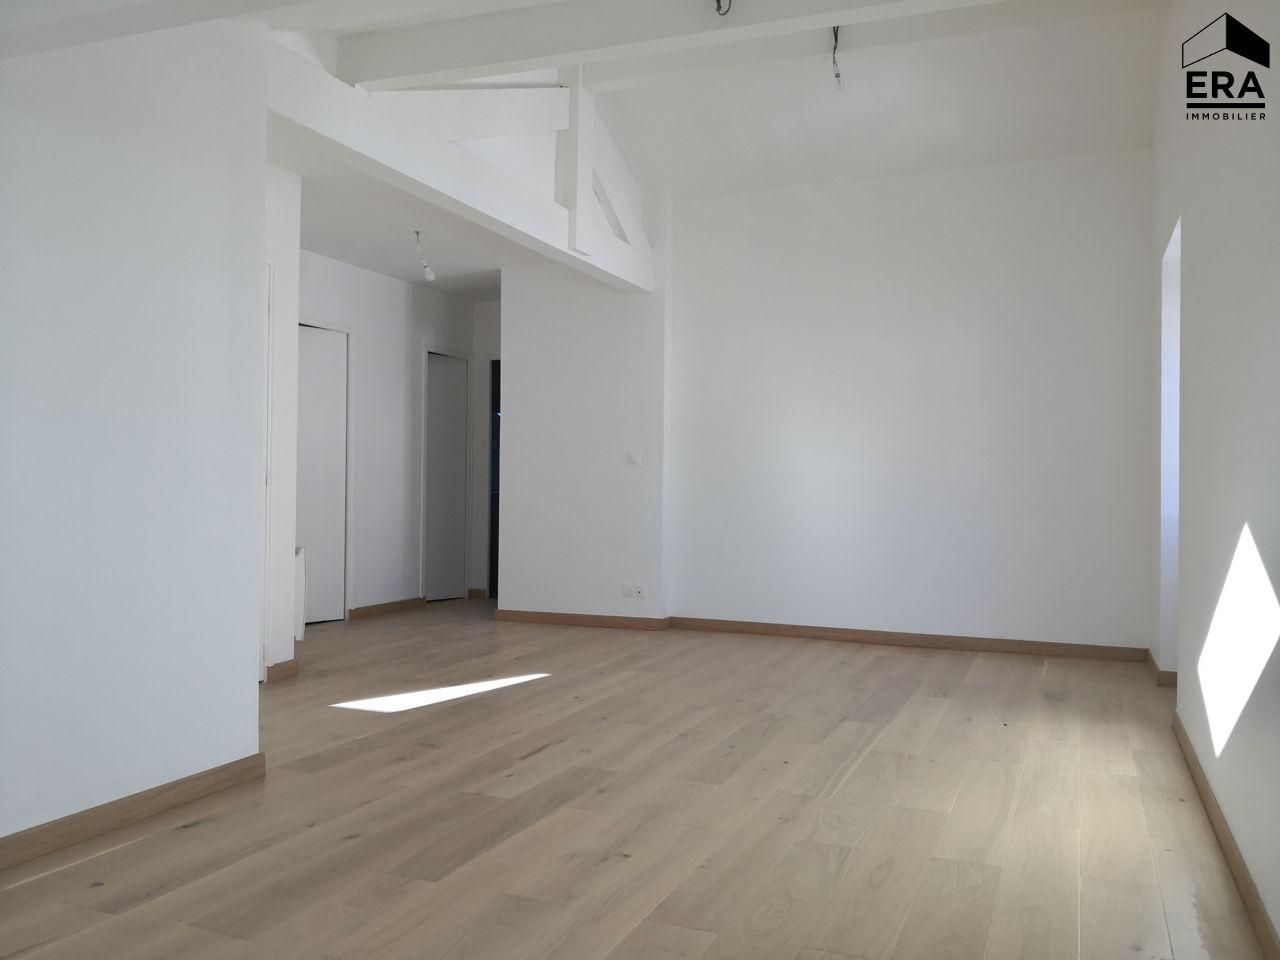 vente appartement à ASCAIN - 319 000